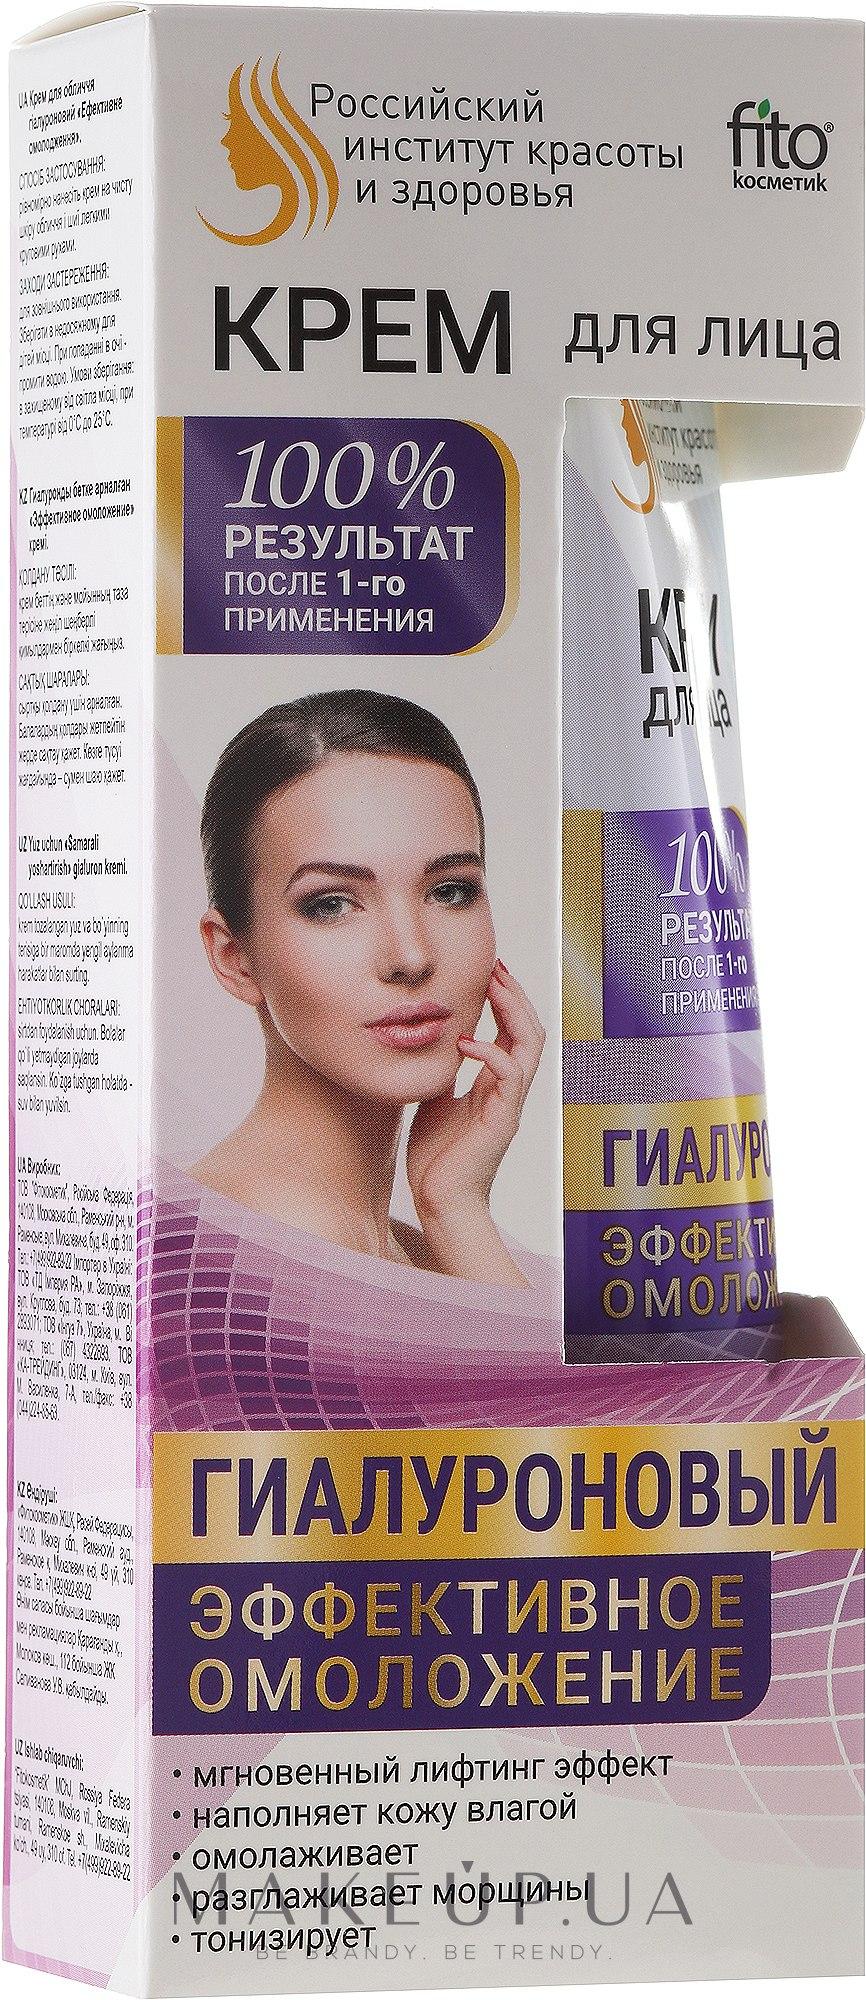 Косметику катрис купить в украине косметика гуам купить воронеж